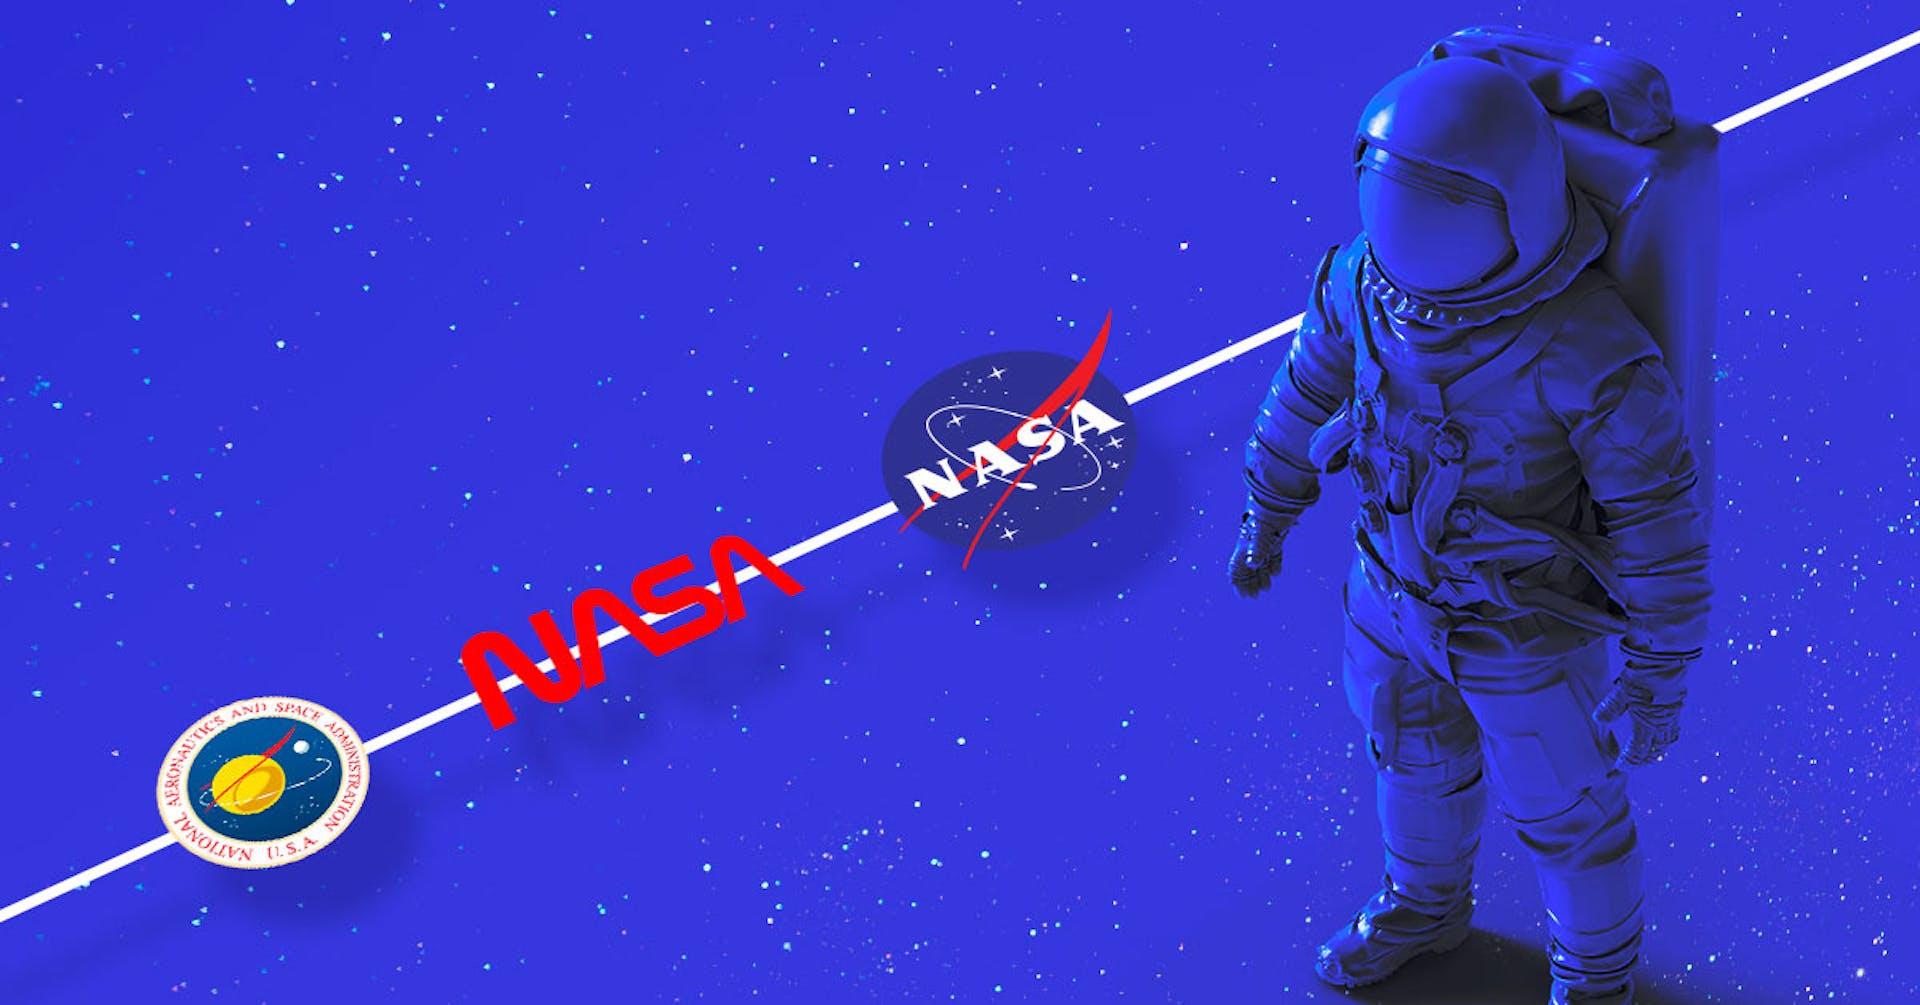 Tudo sobre o logotipo da NASA